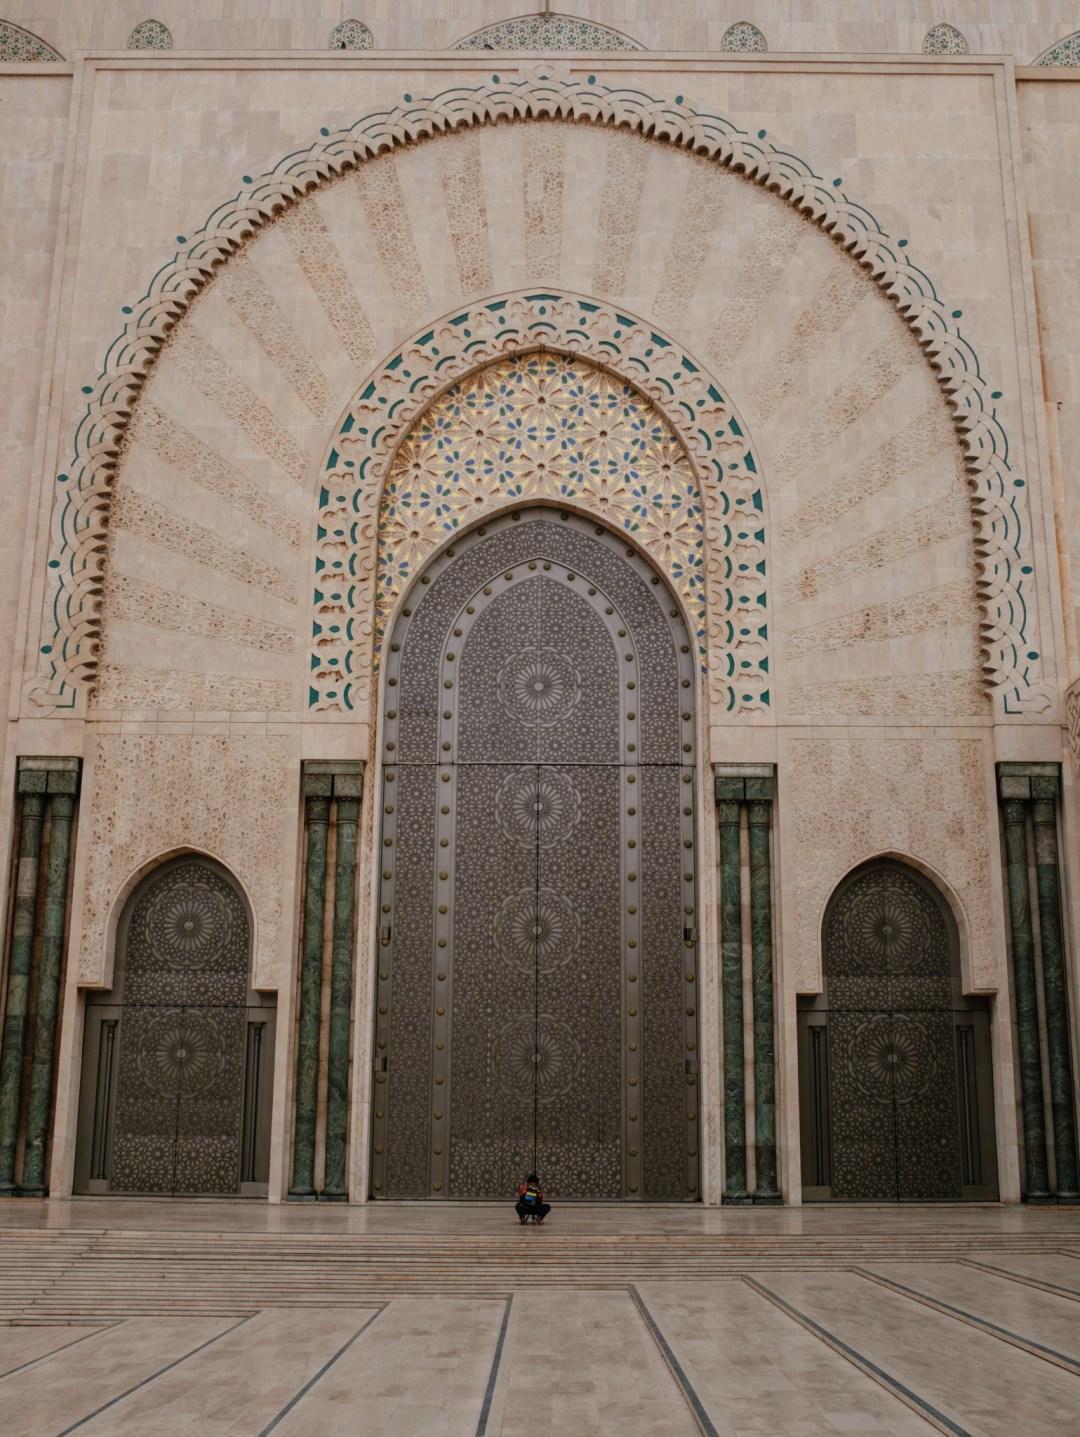 Casablanca_HassanMosque2